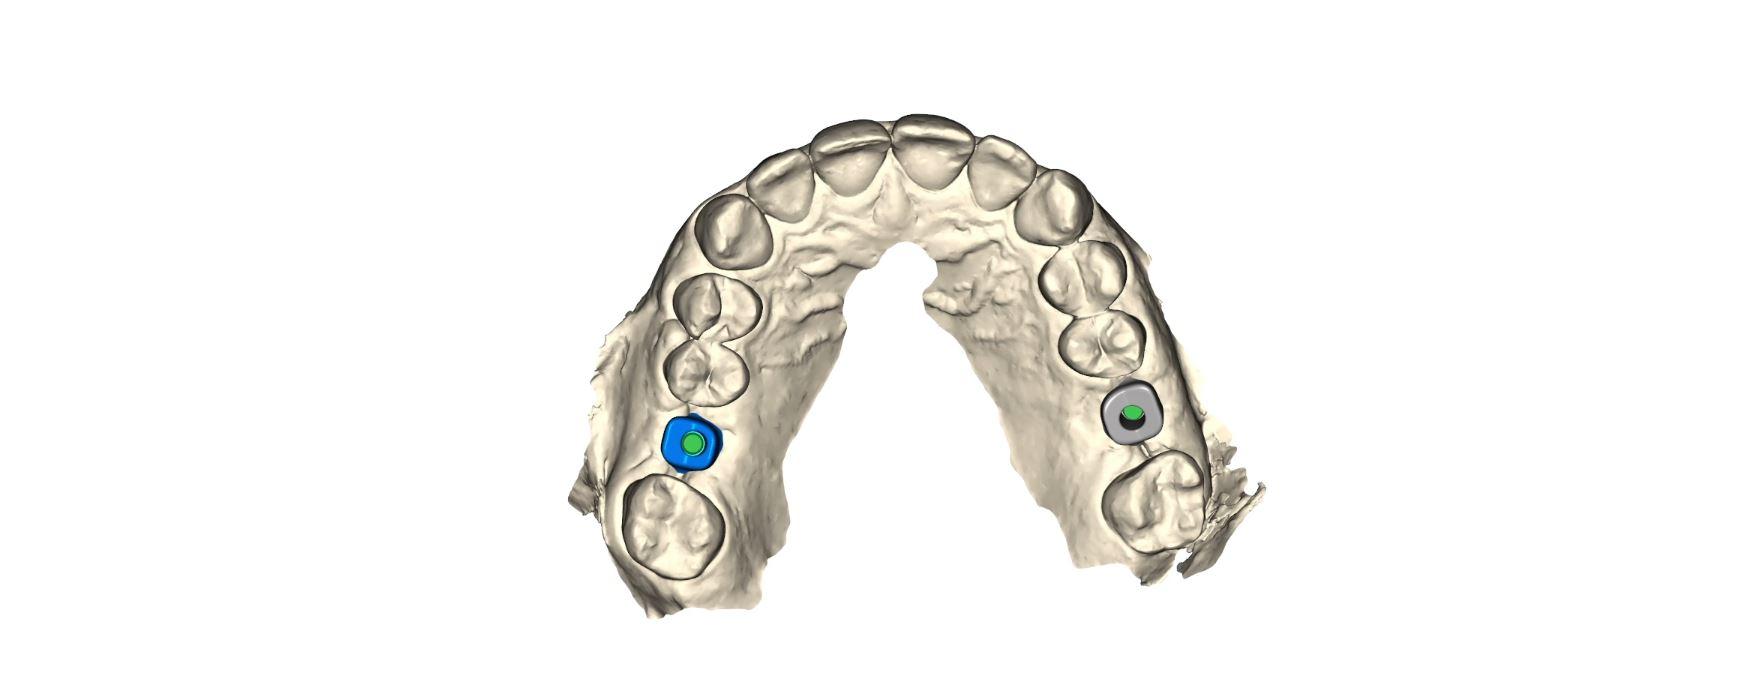 Atlantis yksilölliset implanttijatkeet